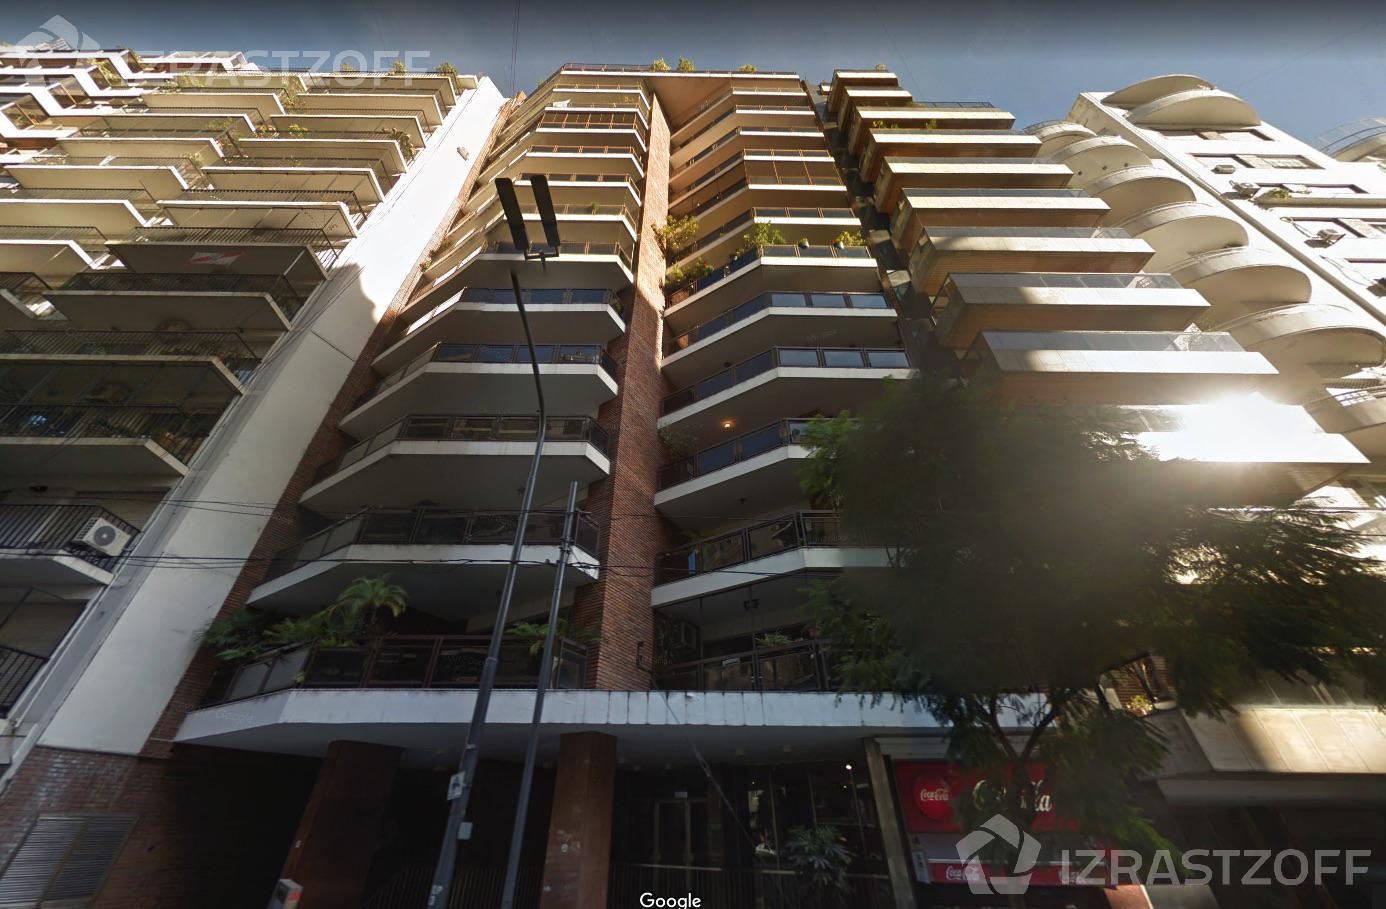 Departamento-Alquiler-Barrio Norte-CALLAO 1300 e/JUNCAL y PACHECO DE MELO, JOSE